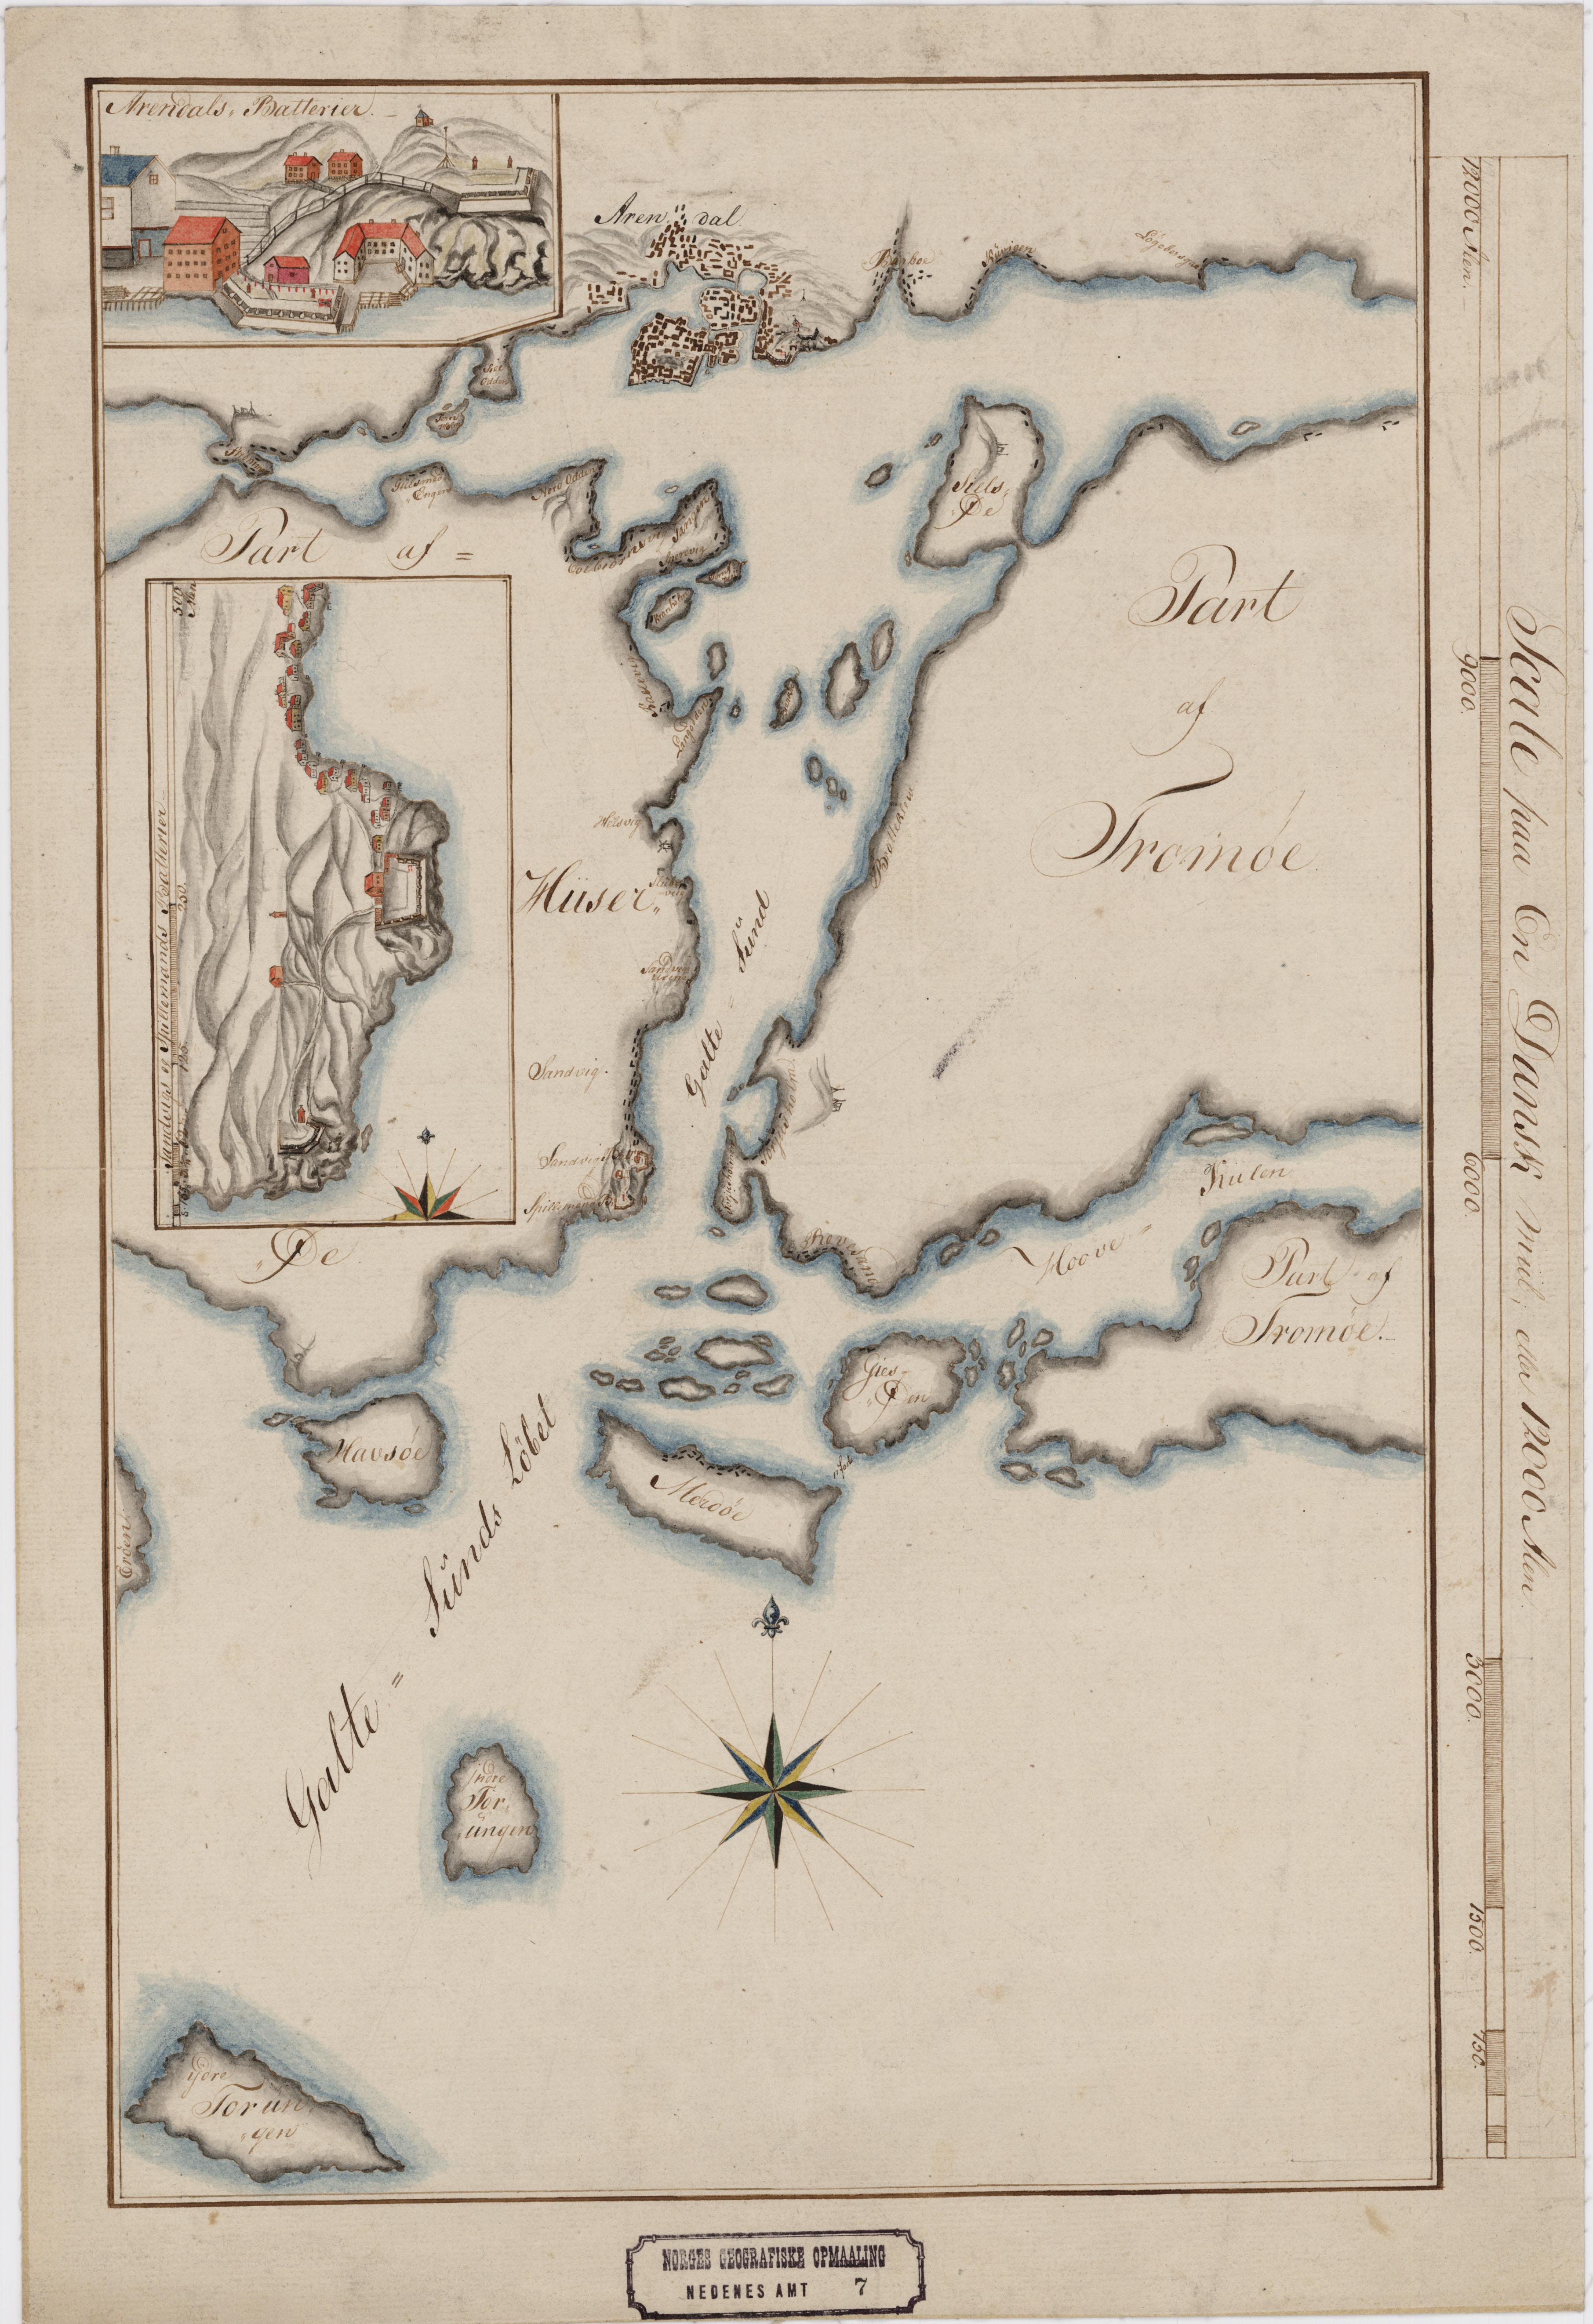 kart til File:Nedenes amt nr 7  Kart over Indløbet til Arendal, 1800.  kart til